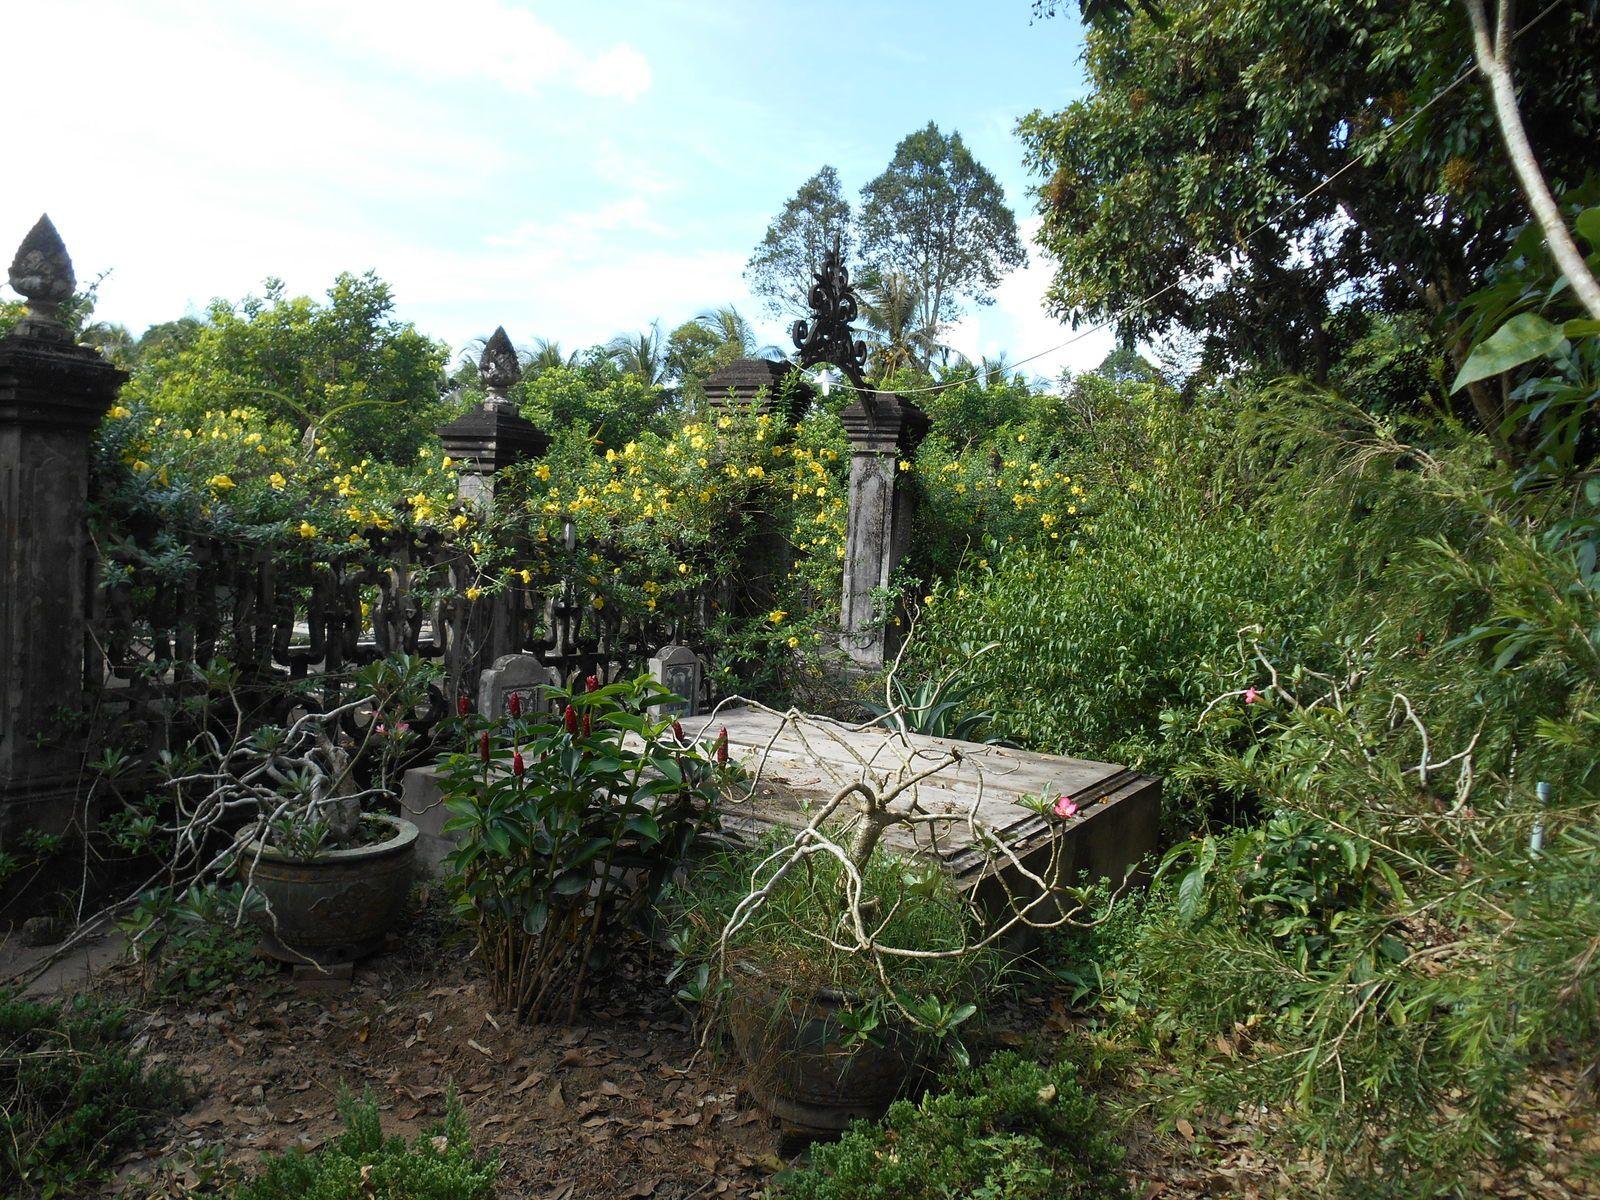 A la fin du repas, visite du parc. Les défunts sont enterrés dans la propriété.